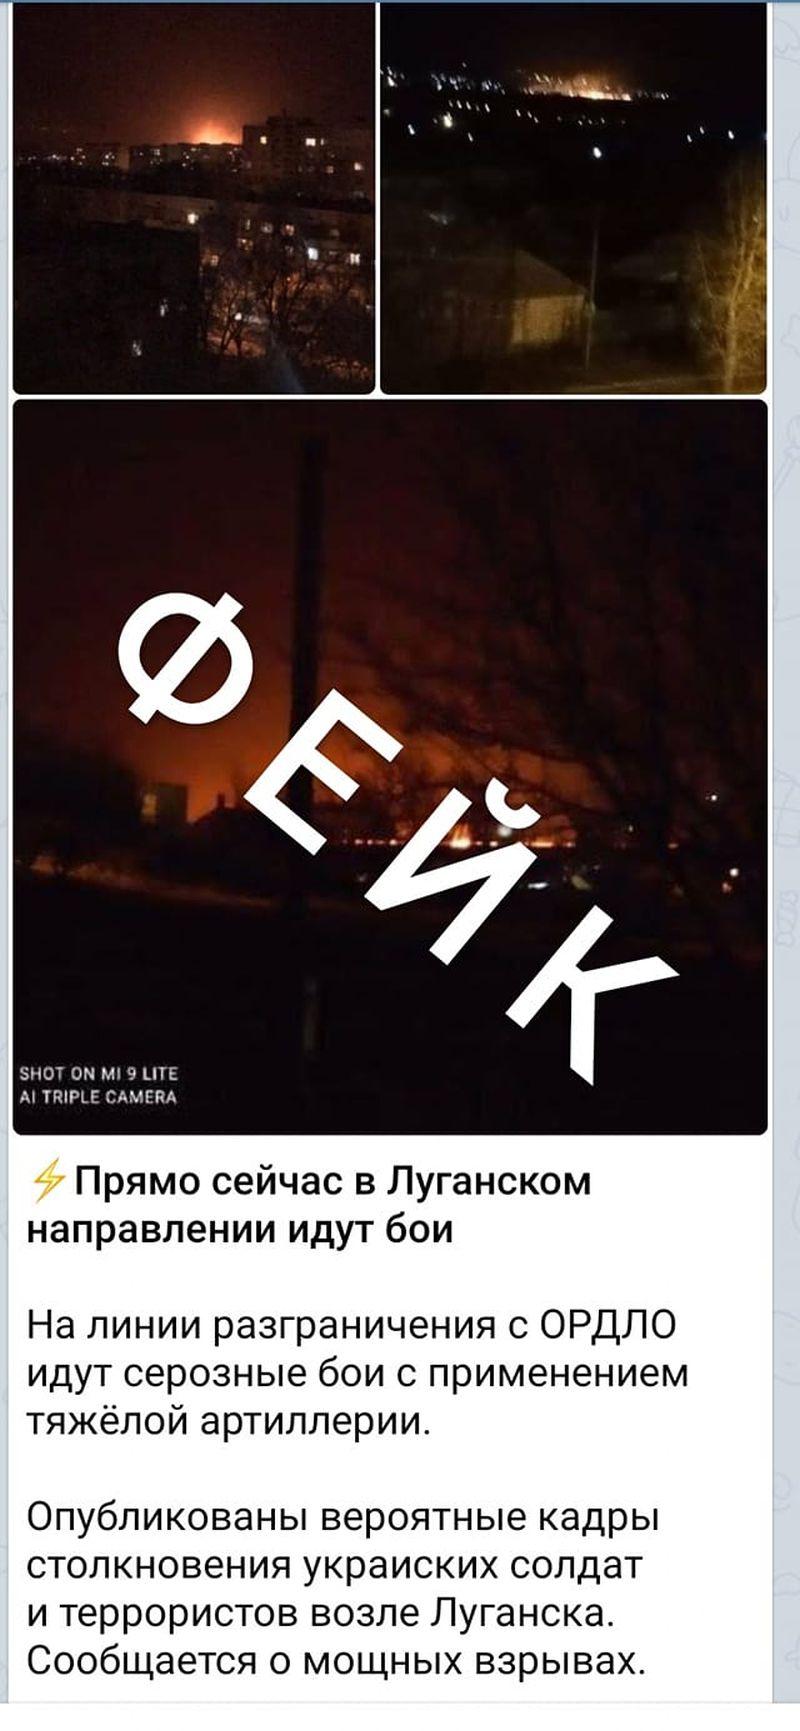 Офіцер Генштабу ЗСУ викрив фейк російських пропагандистів (фото)